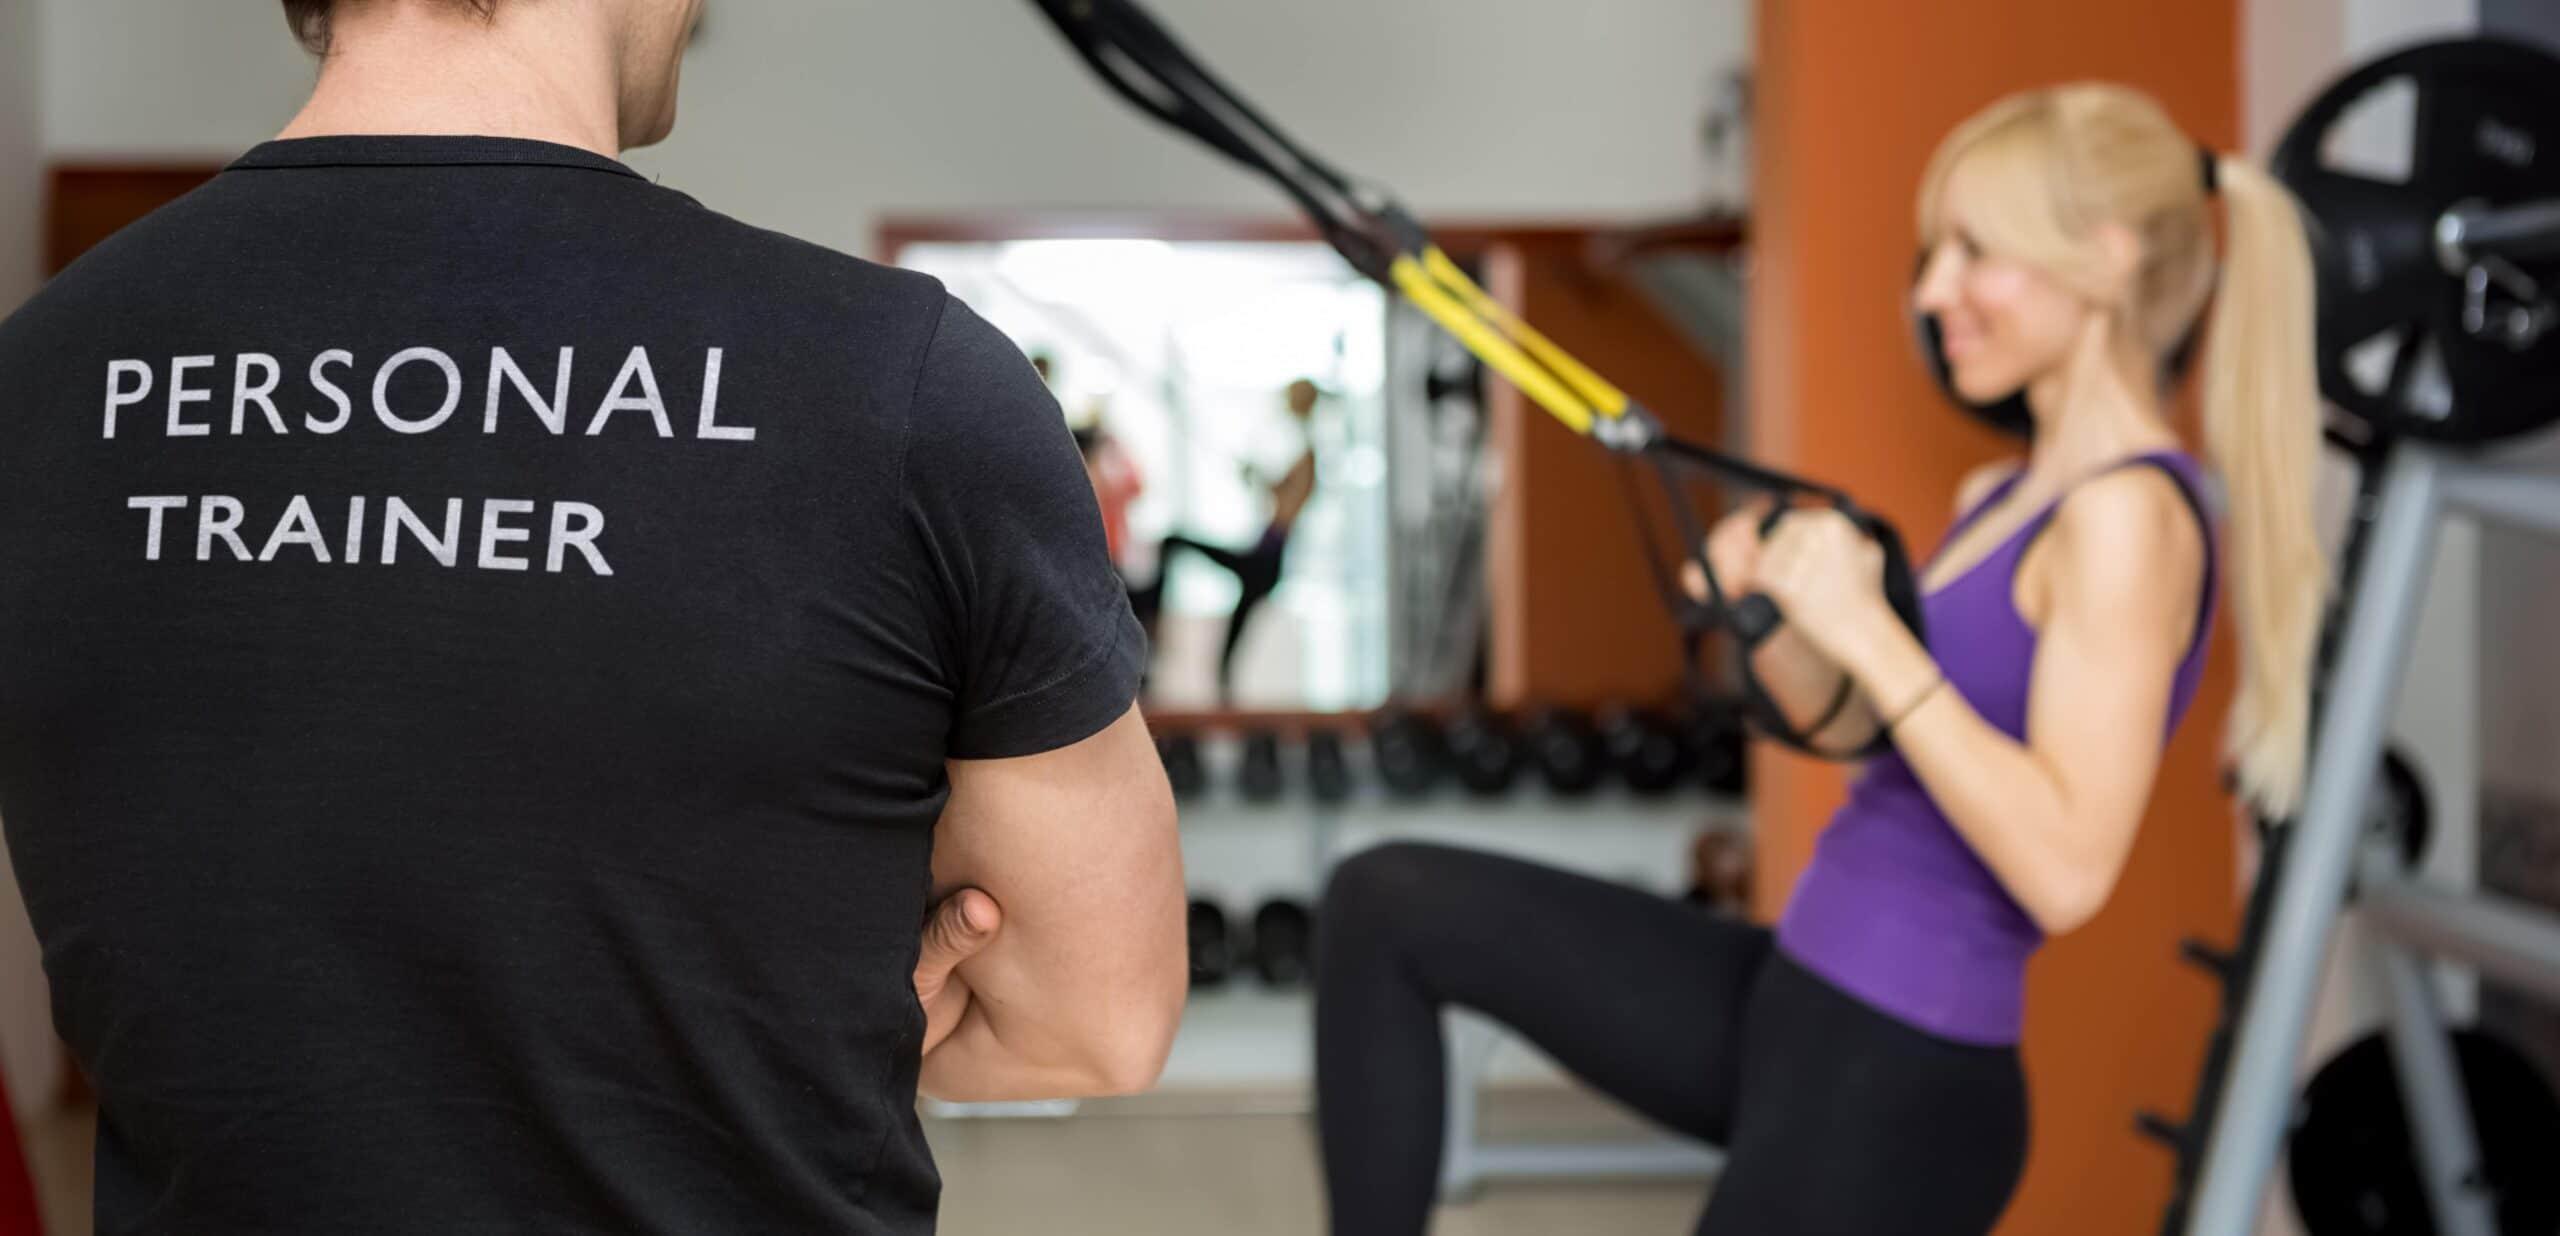 personal trainer cos'è e cosa fa: definizione